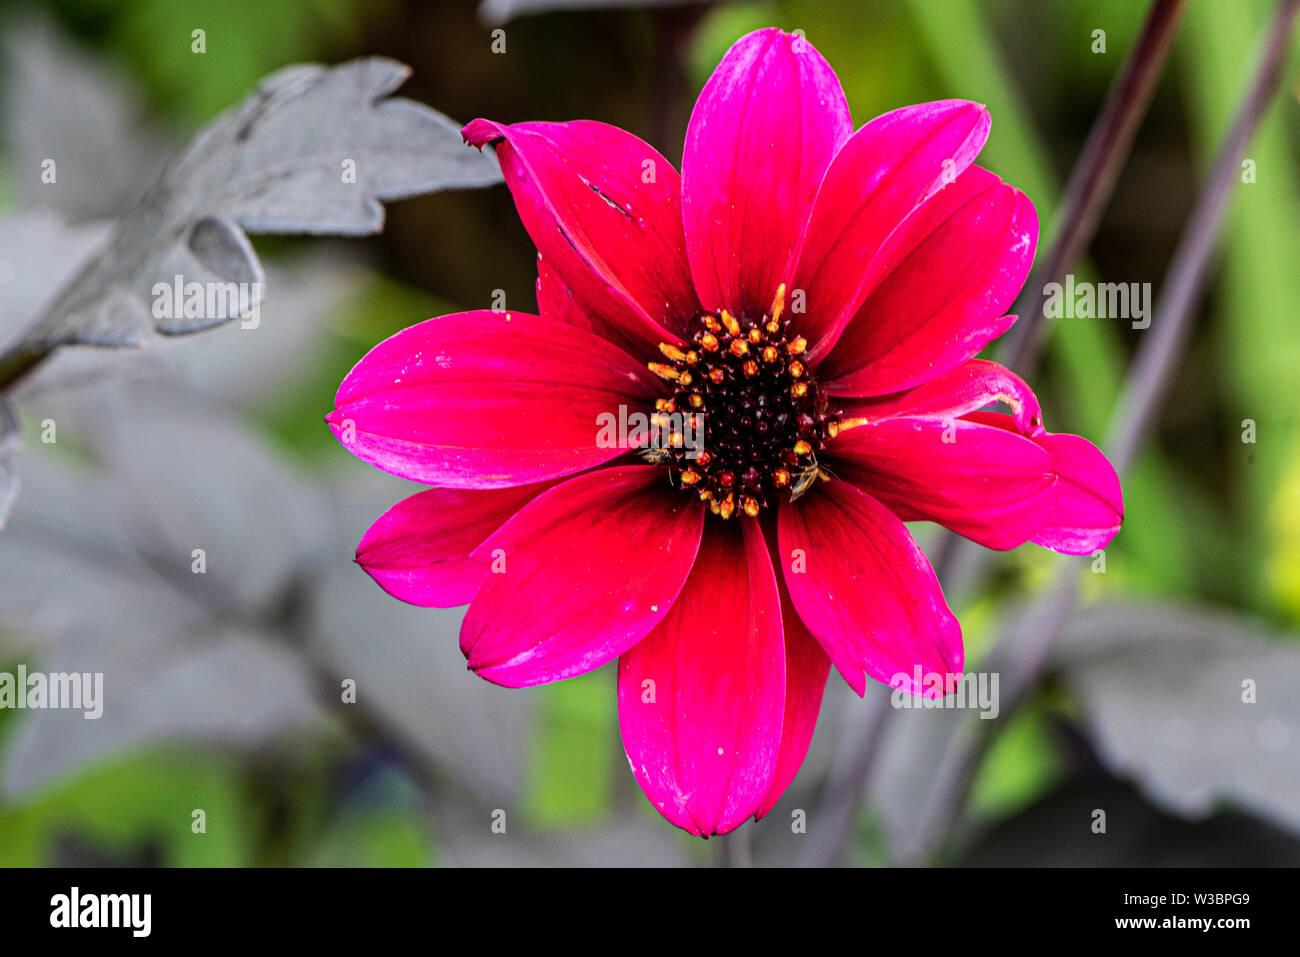 Red dahlia in garden in Burbage, Wiltshire, UK - Stock Image